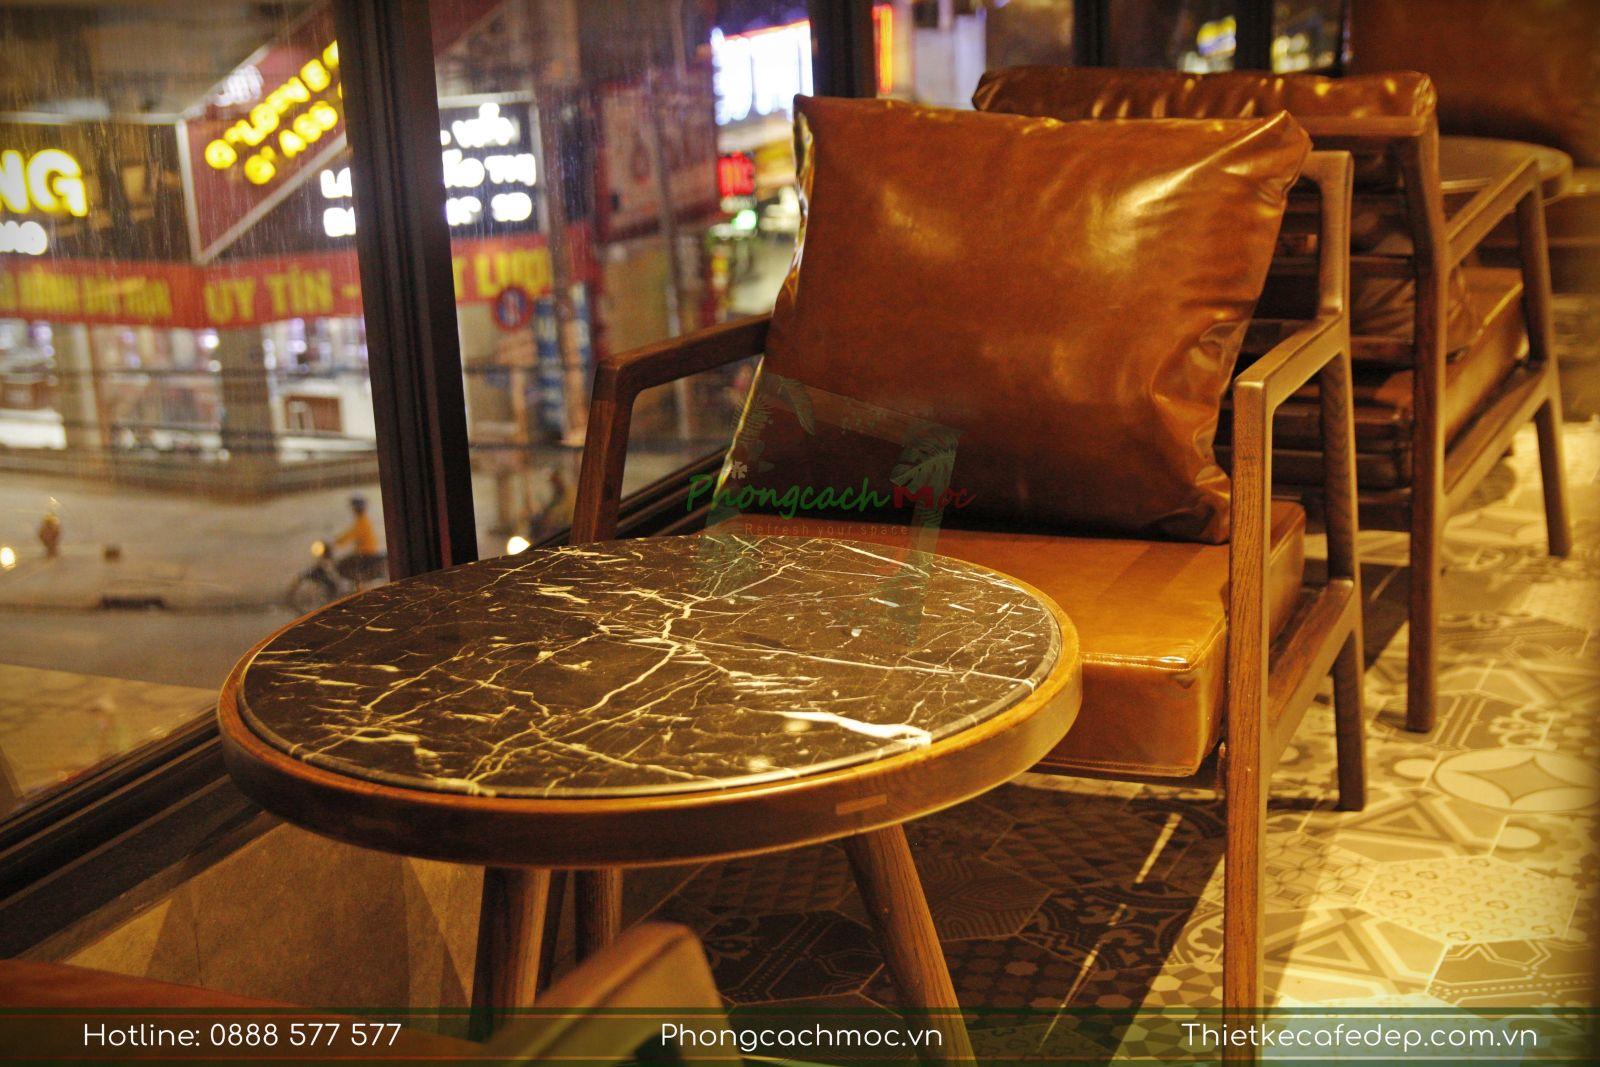 ghế sofa cao cấp kết hợp bàn gỗ mặt đá nổi bật quán cafe